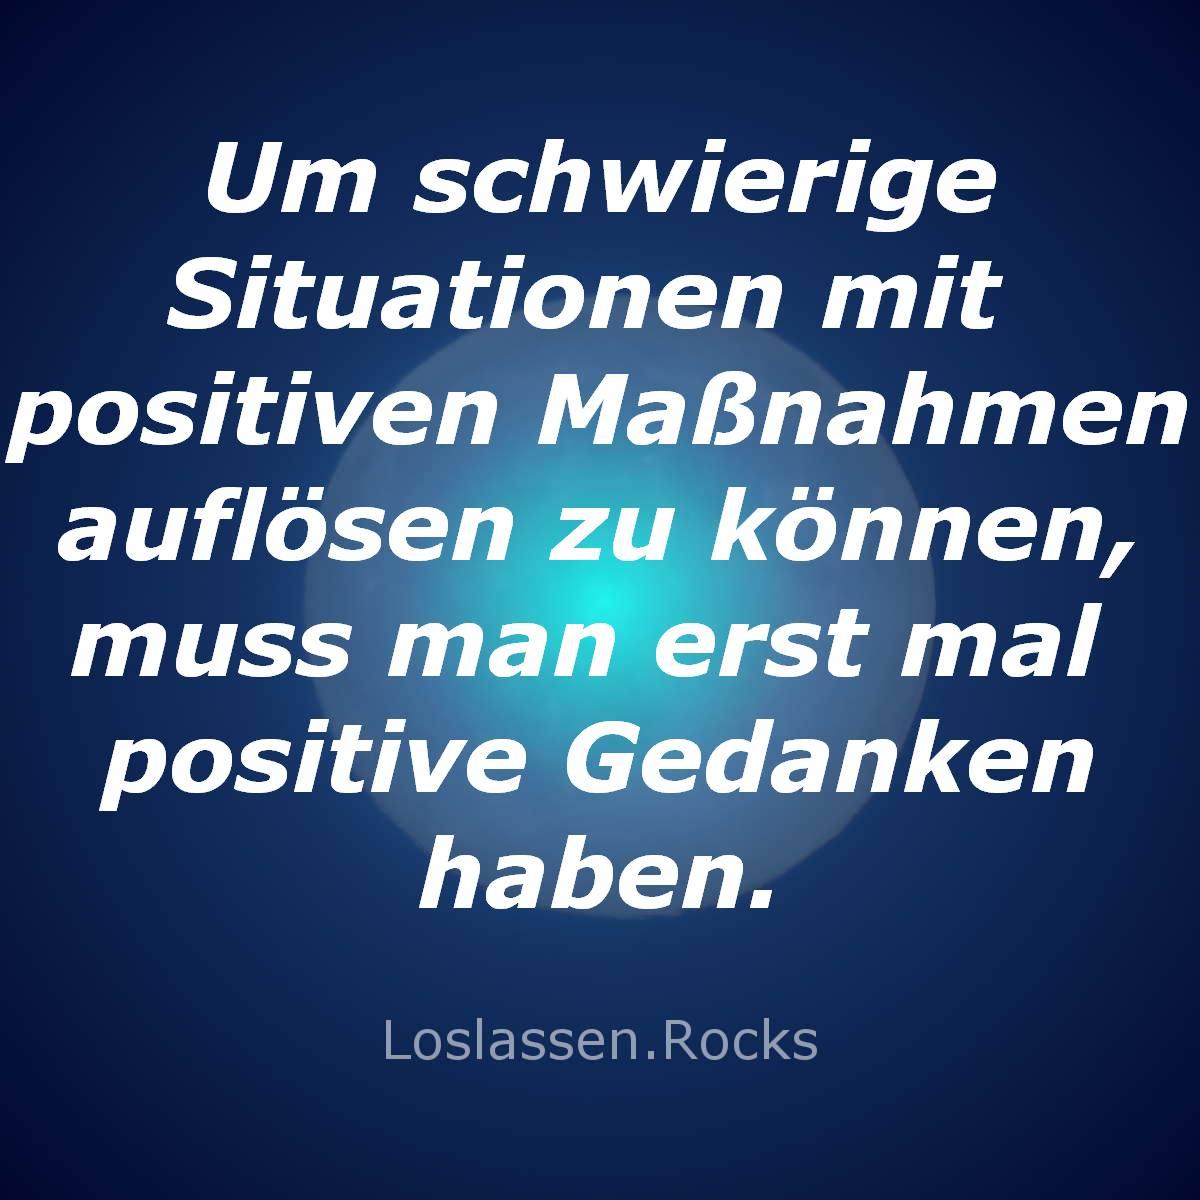 Um-schwierige-Situationen-mit-positiven-Maßnahmen-auflösen-zu-können-muss-man-erst-mal-positive-Gedanken-haben